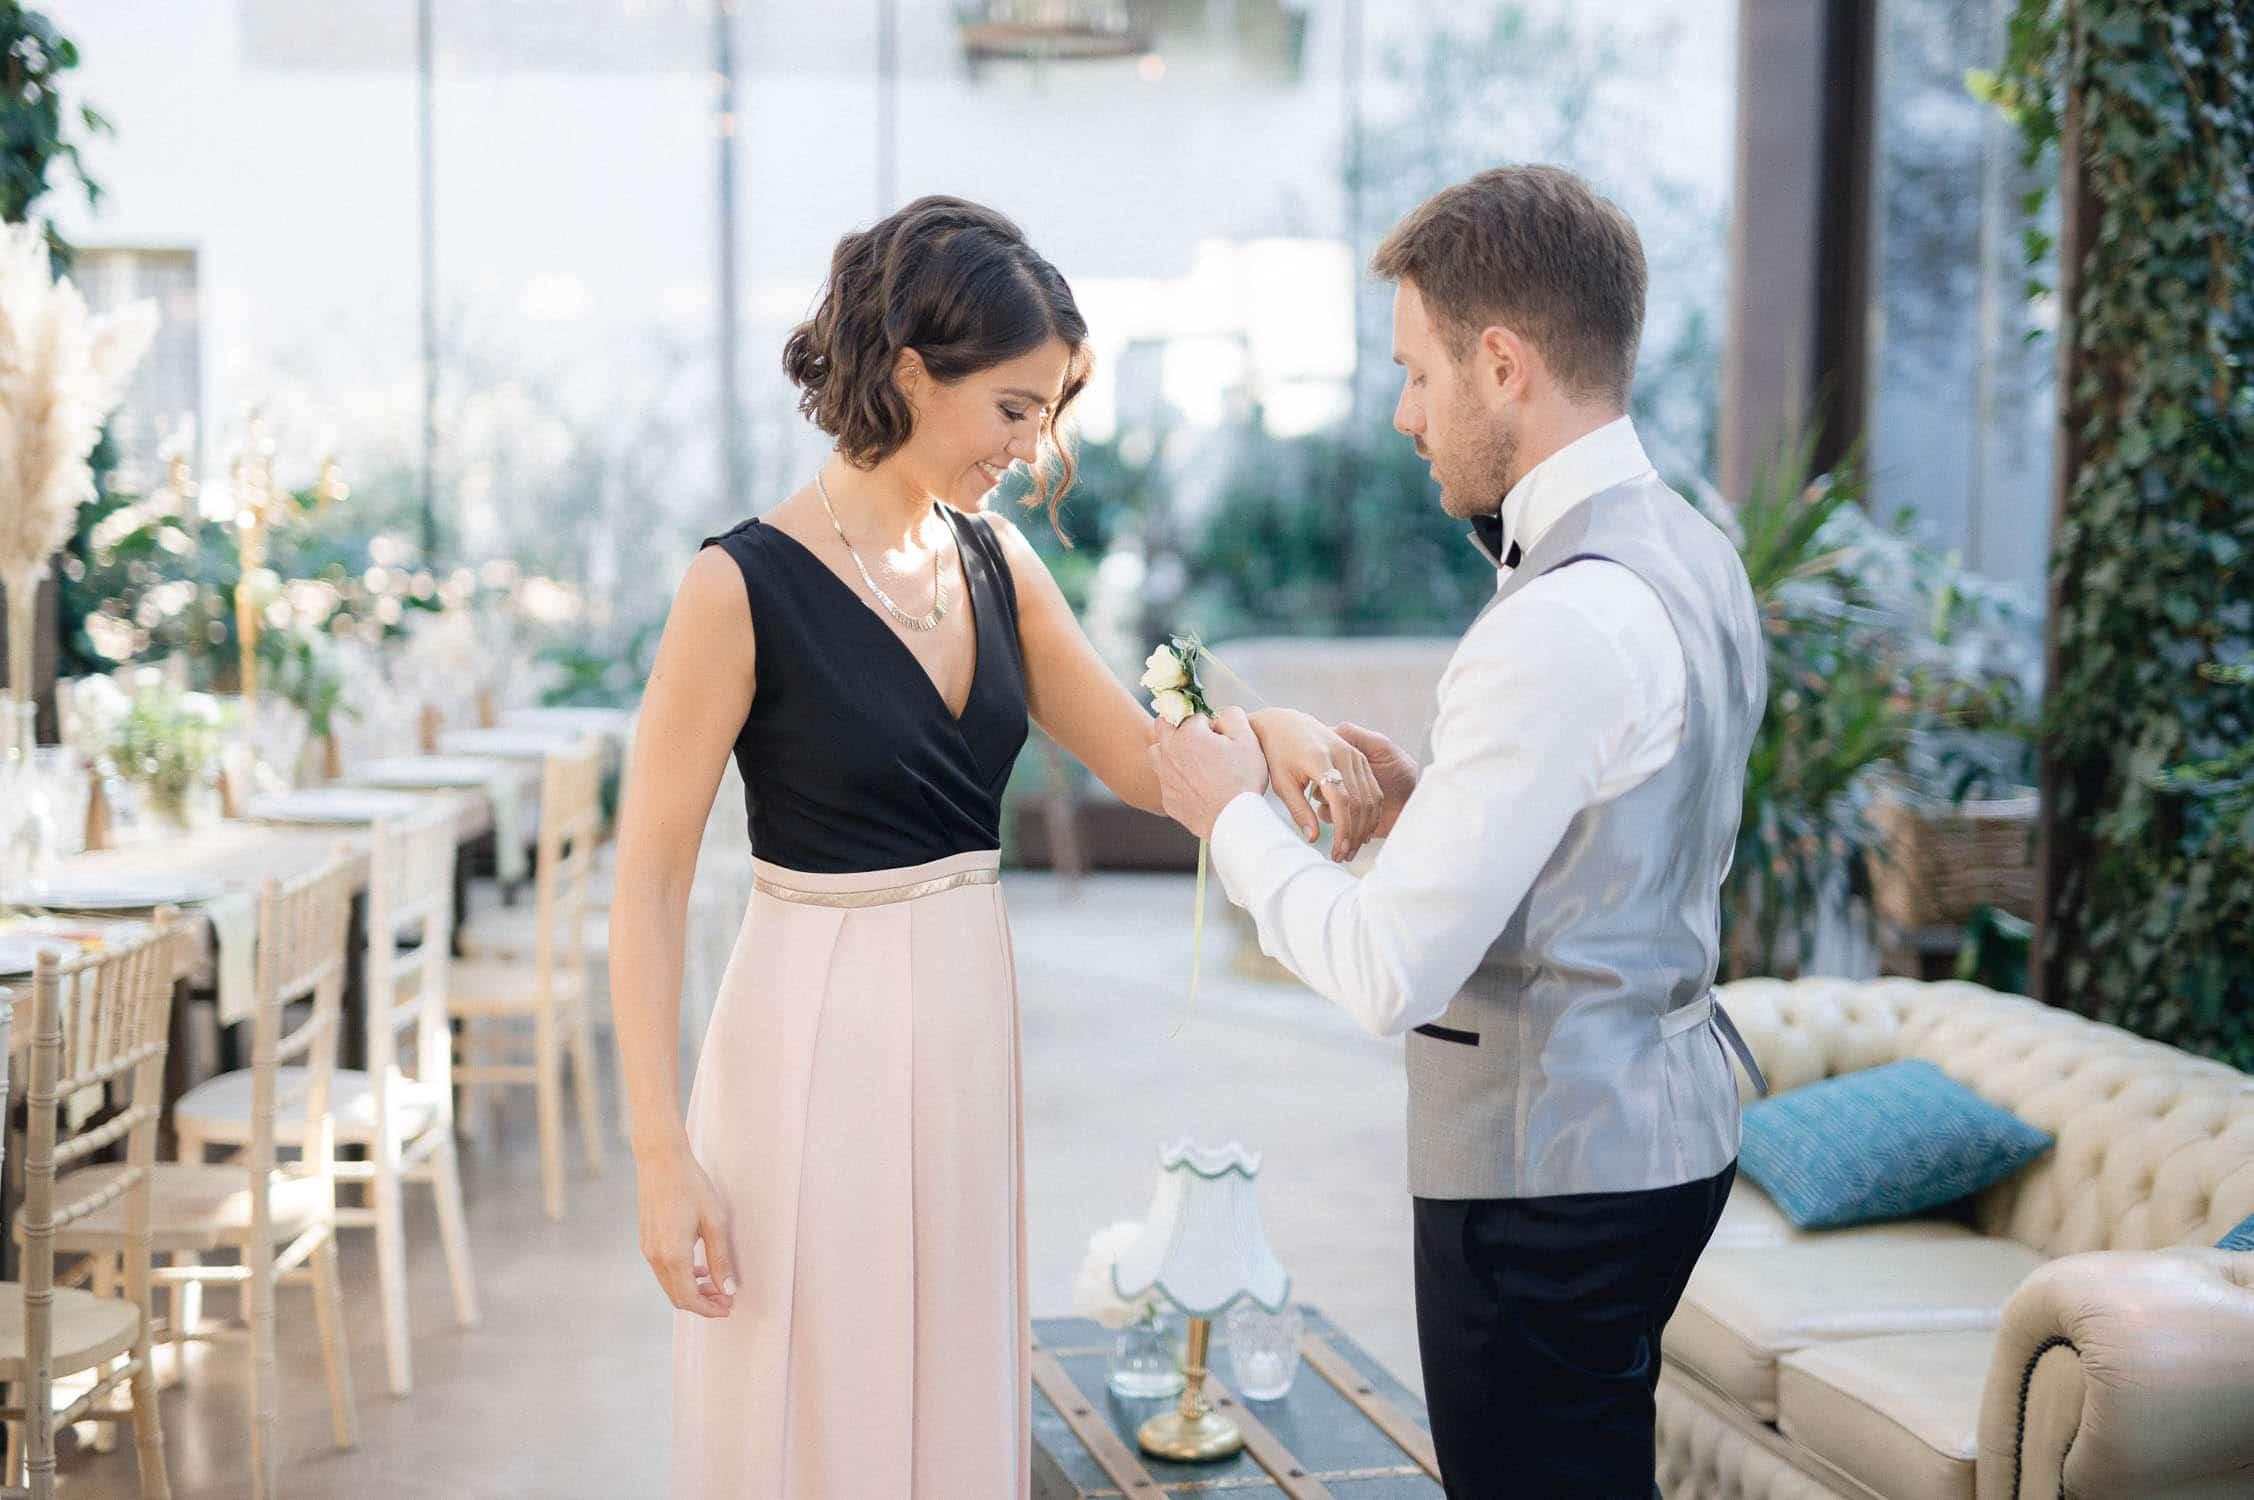 matrimonio-tenuta-acquaviva-mariocasati-30